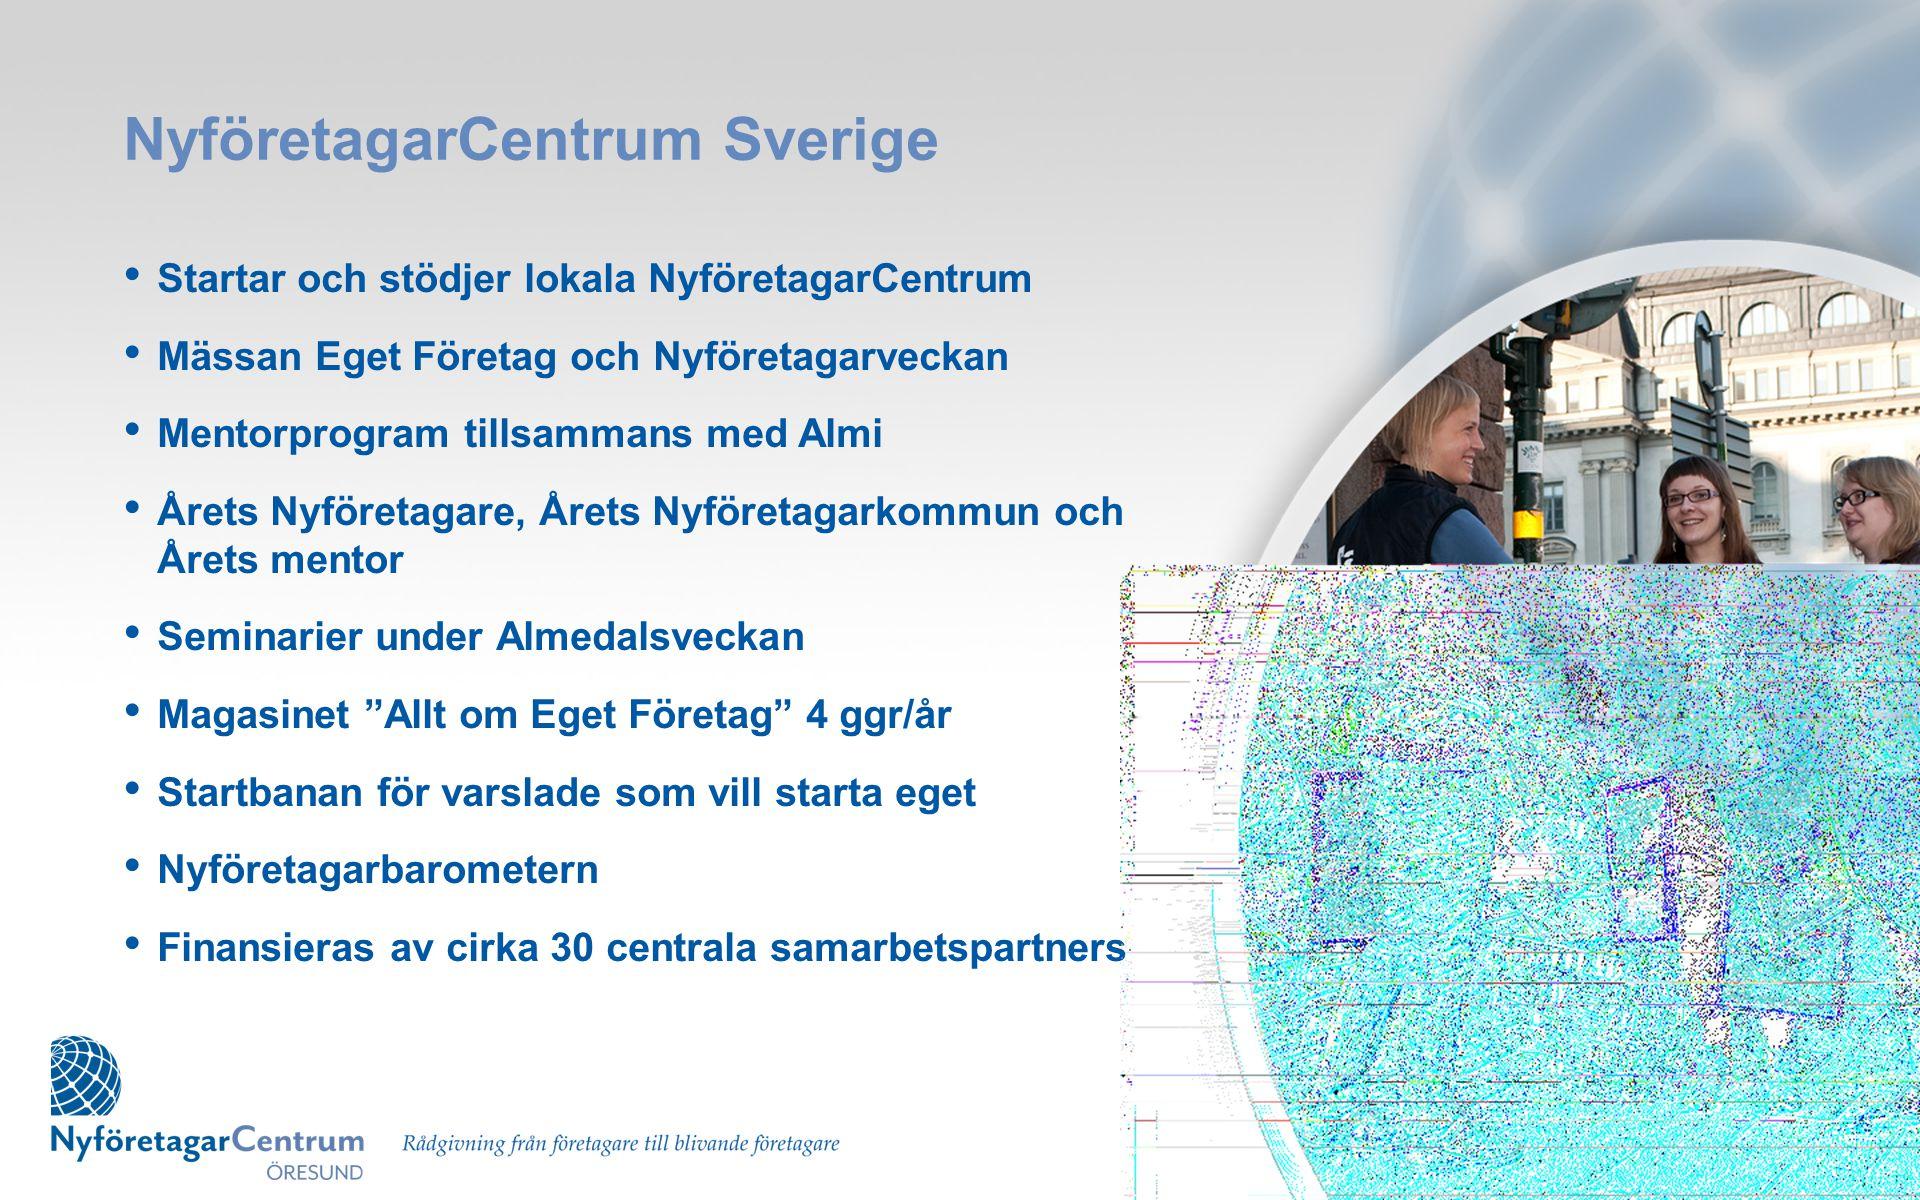 Verksamheten i Öresund • Certifierat NyföretagarCentrum med diplomerade rådgivare • Omfattar kommunerna Malmö (HK), Burlöv, Hörby, Kävlinge, Lomma, Sjöbo, Skurup, Staffanstorp, Svedala, Trelleborg och Vellinge • Ideellt arbetande styrelse, mentorer och nätverk • Finansierat i huvudsak av lokalt näringsliv • Invigdes den 16 maj 2011 • Nio rådgivare som alla själva är företagare